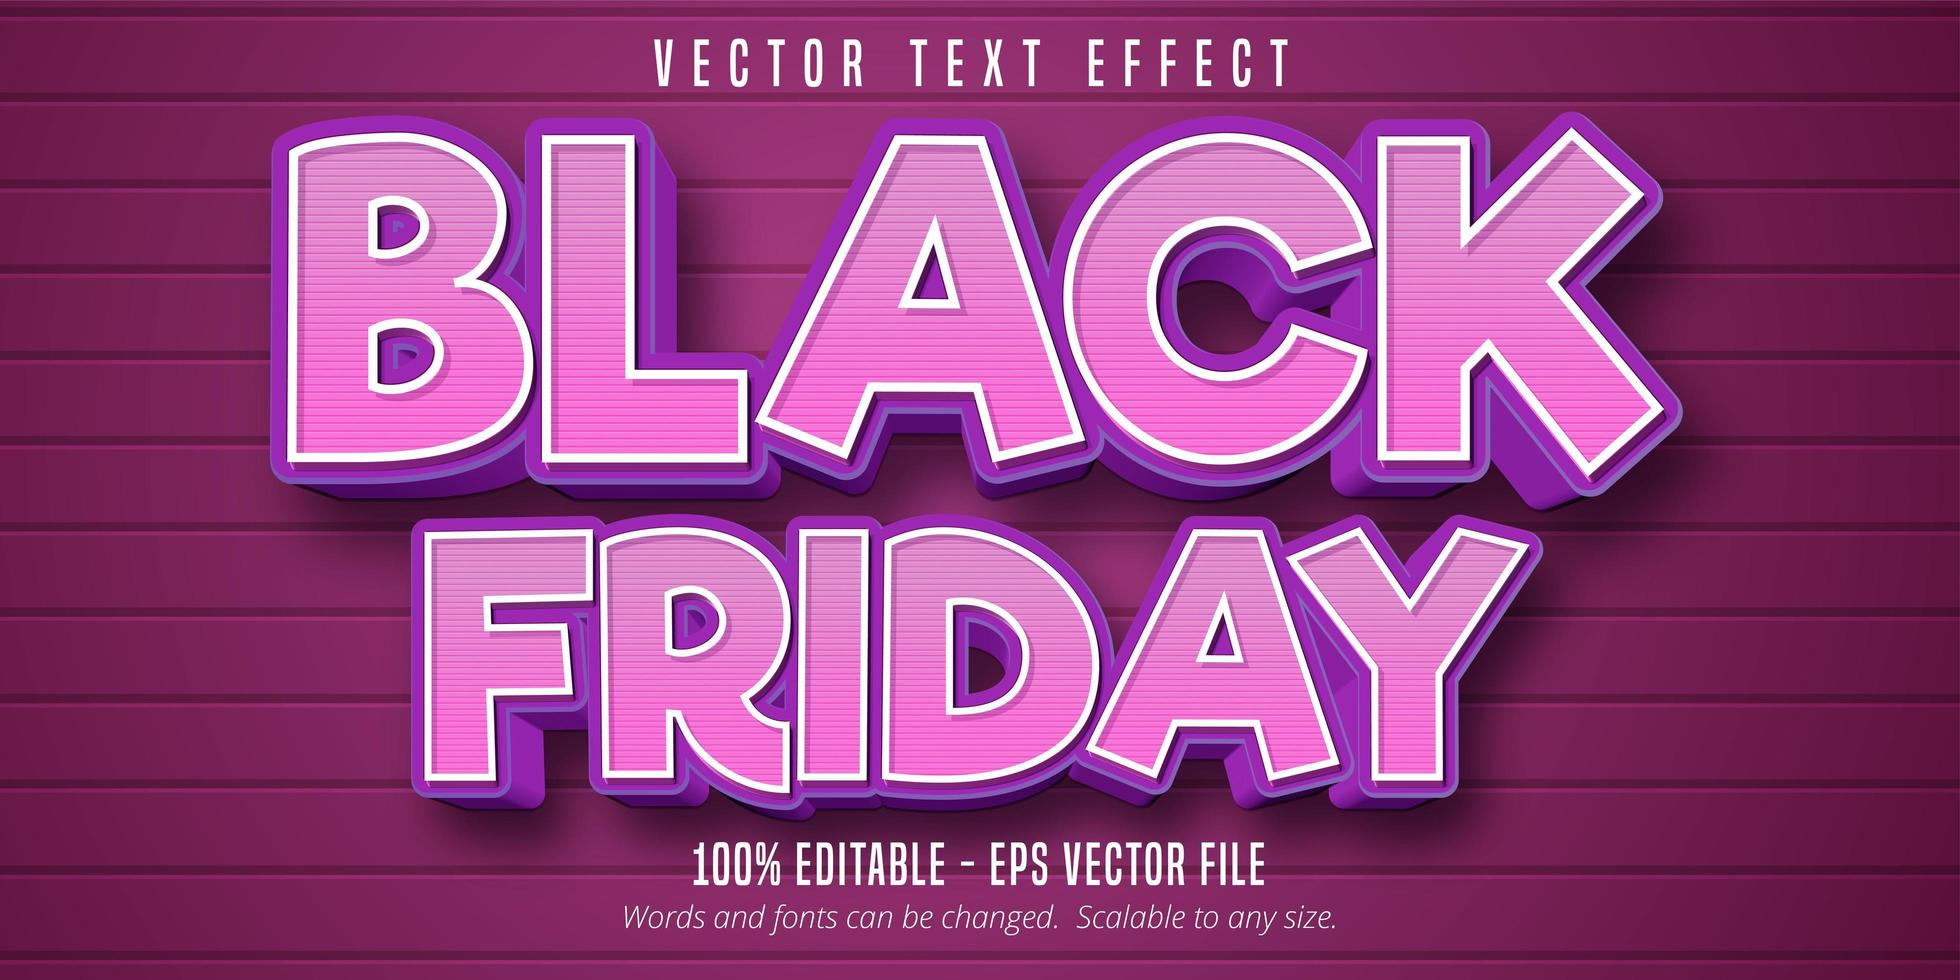 Black Friday cartoon style editable text effect vector